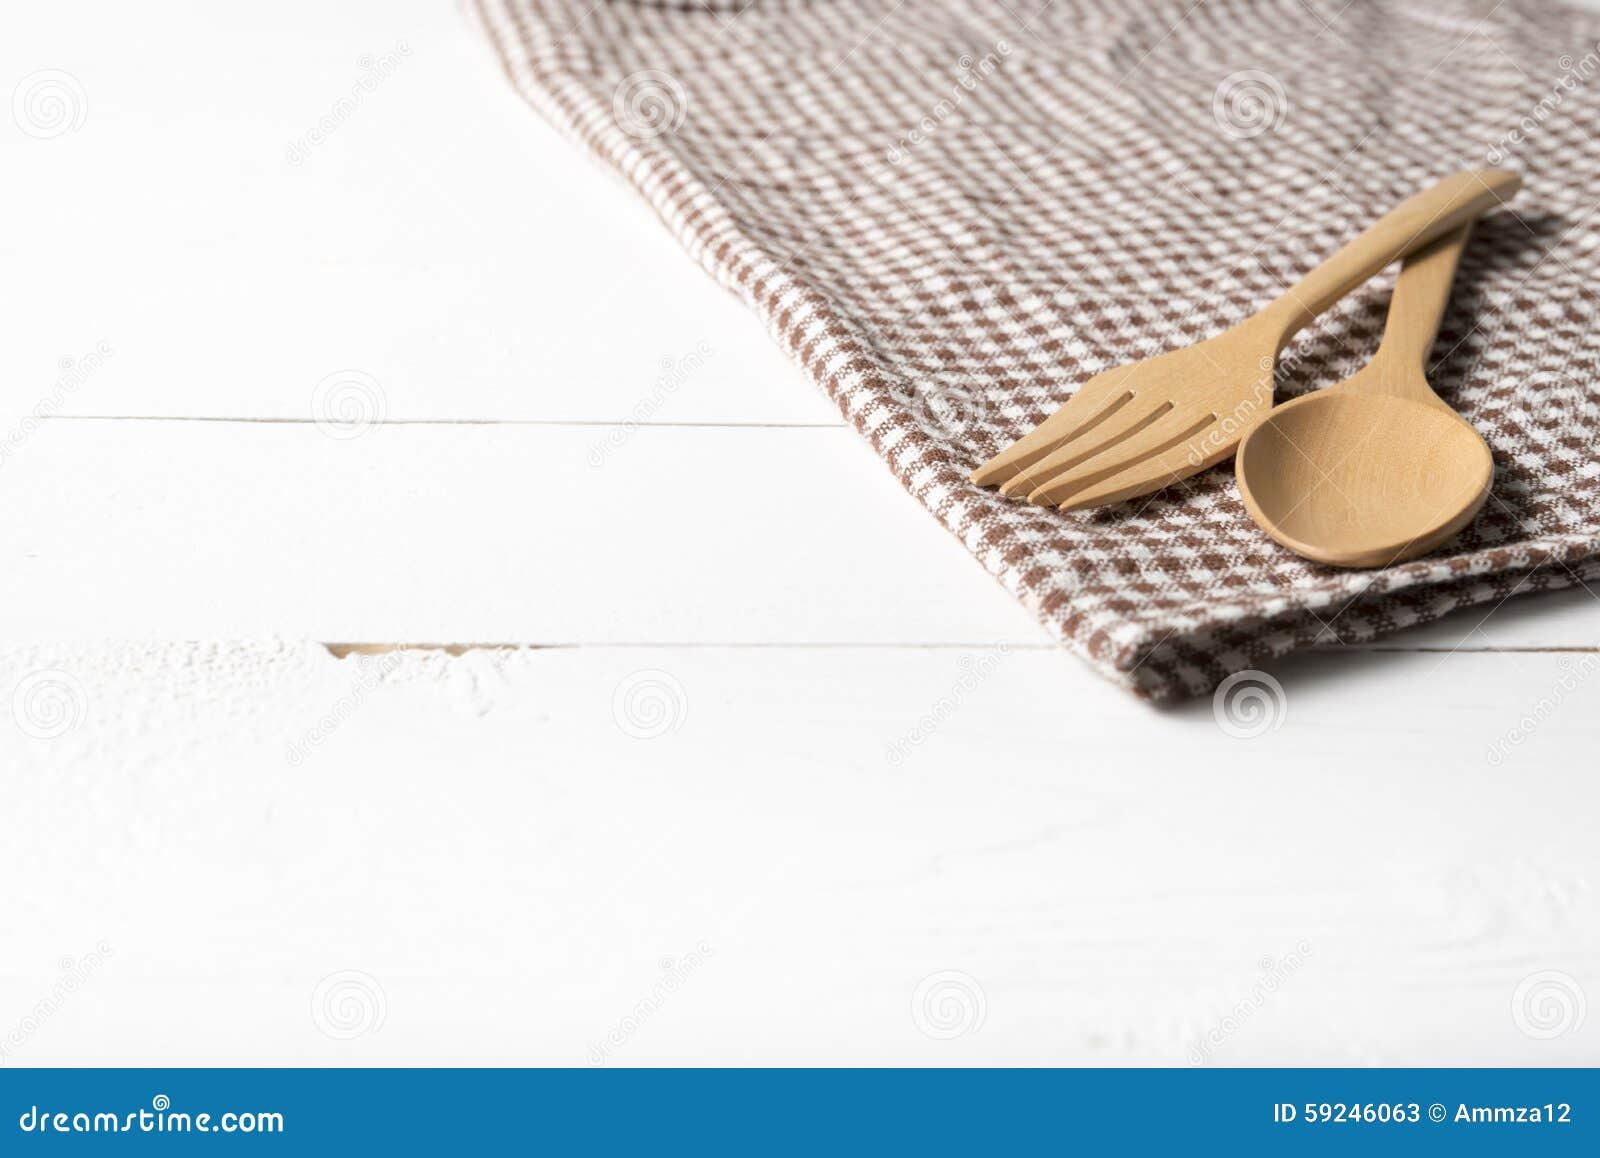 Download Cuchara Y Bifurcación De Madera En La Toalla De Cocina Imagen de archivo - Imagen de tarjeta, textil: 59246063